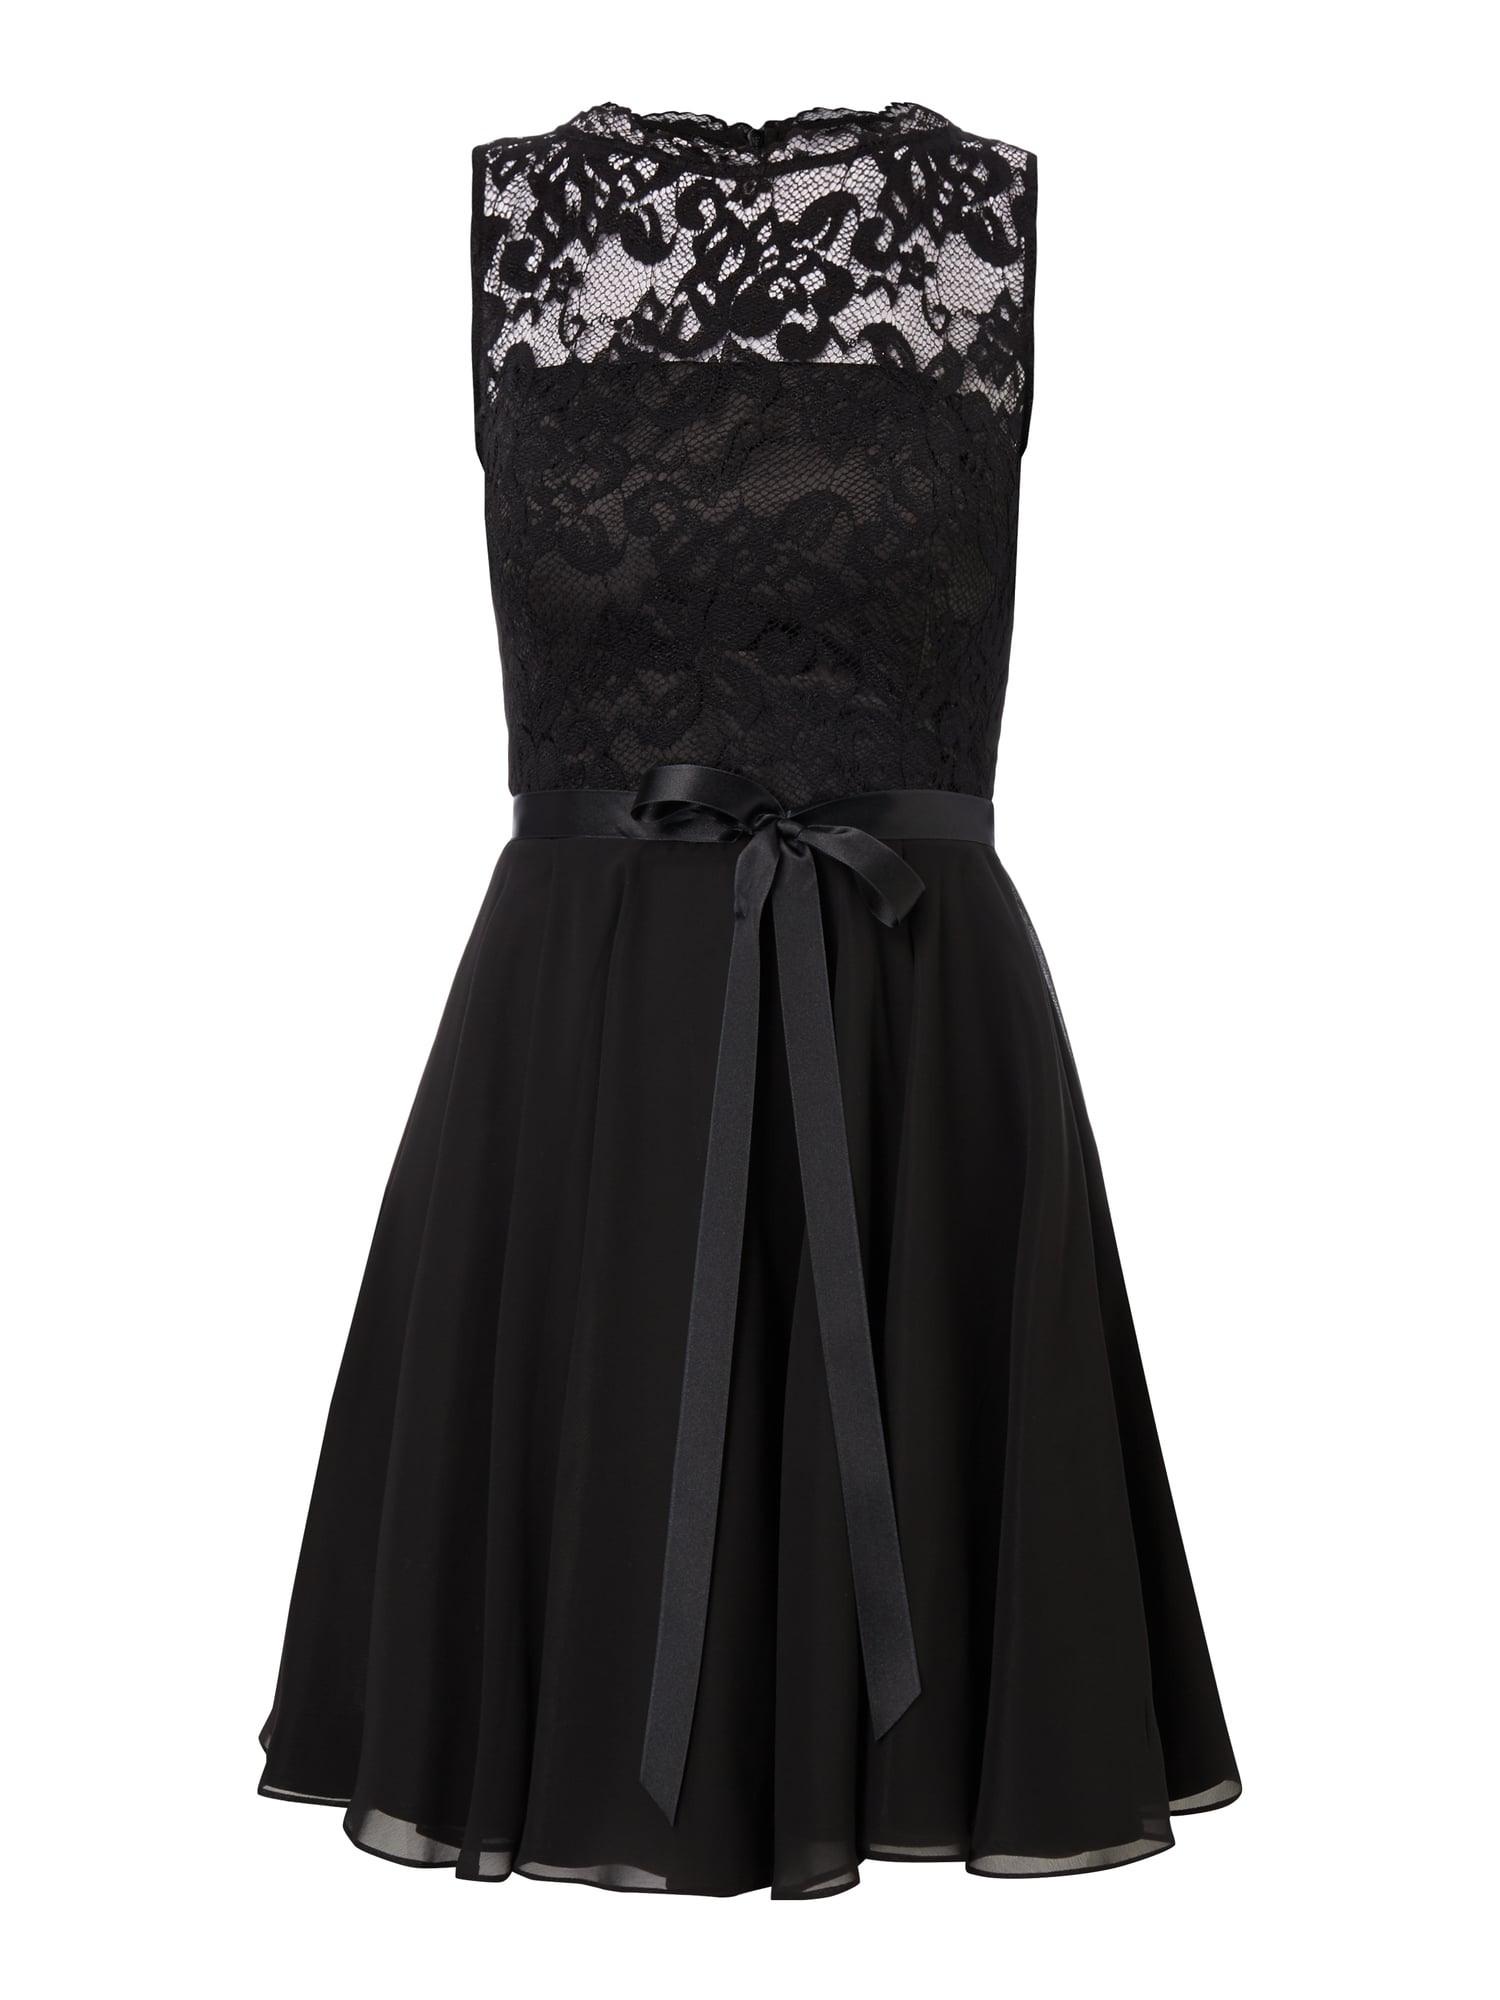 15 Fantastisch Schwarzes Kurzes Kleid Mit Spitze DesignDesigner Schön Schwarzes Kurzes Kleid Mit Spitze Boutique